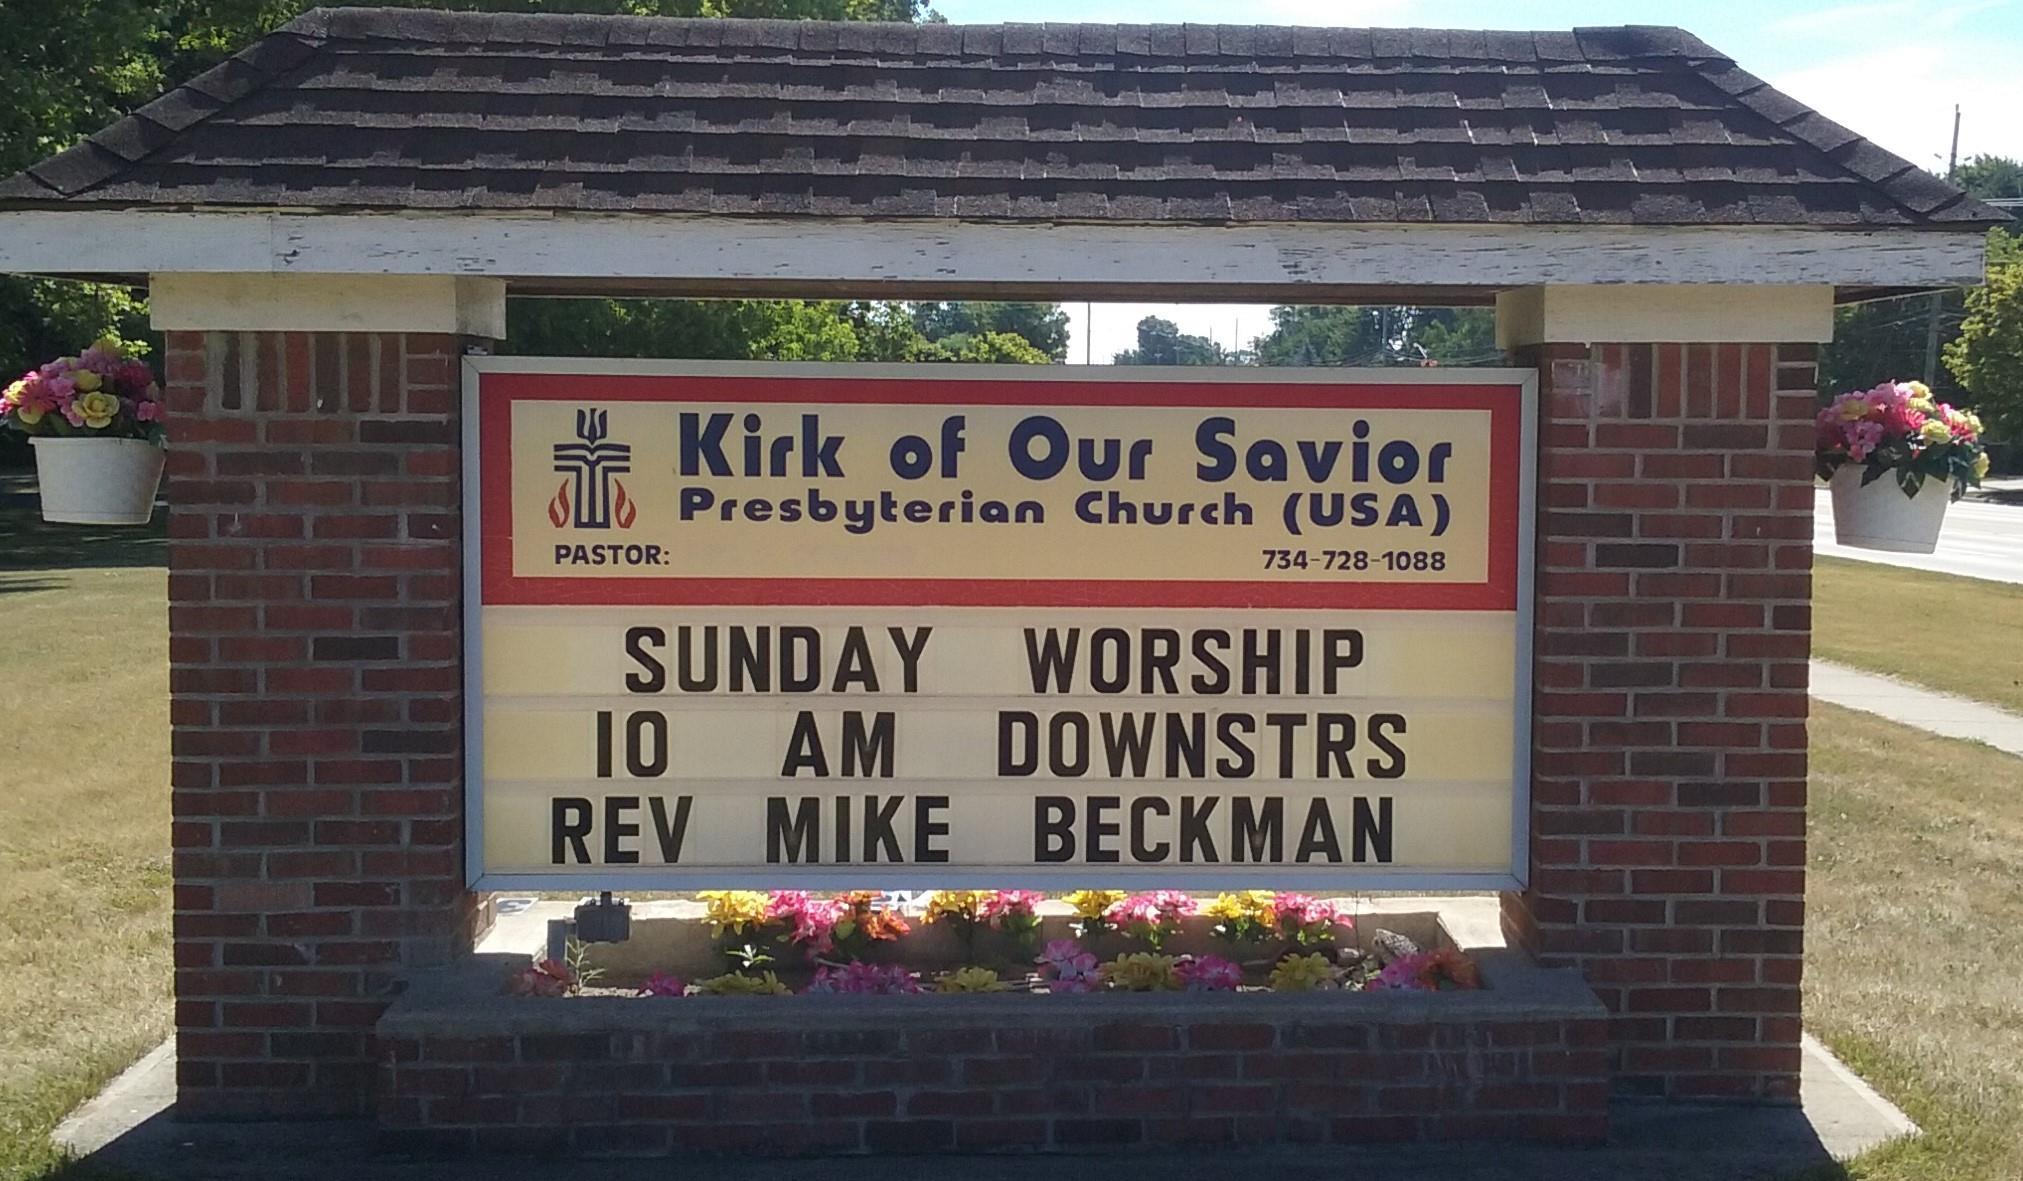 Kirk of Our Savior